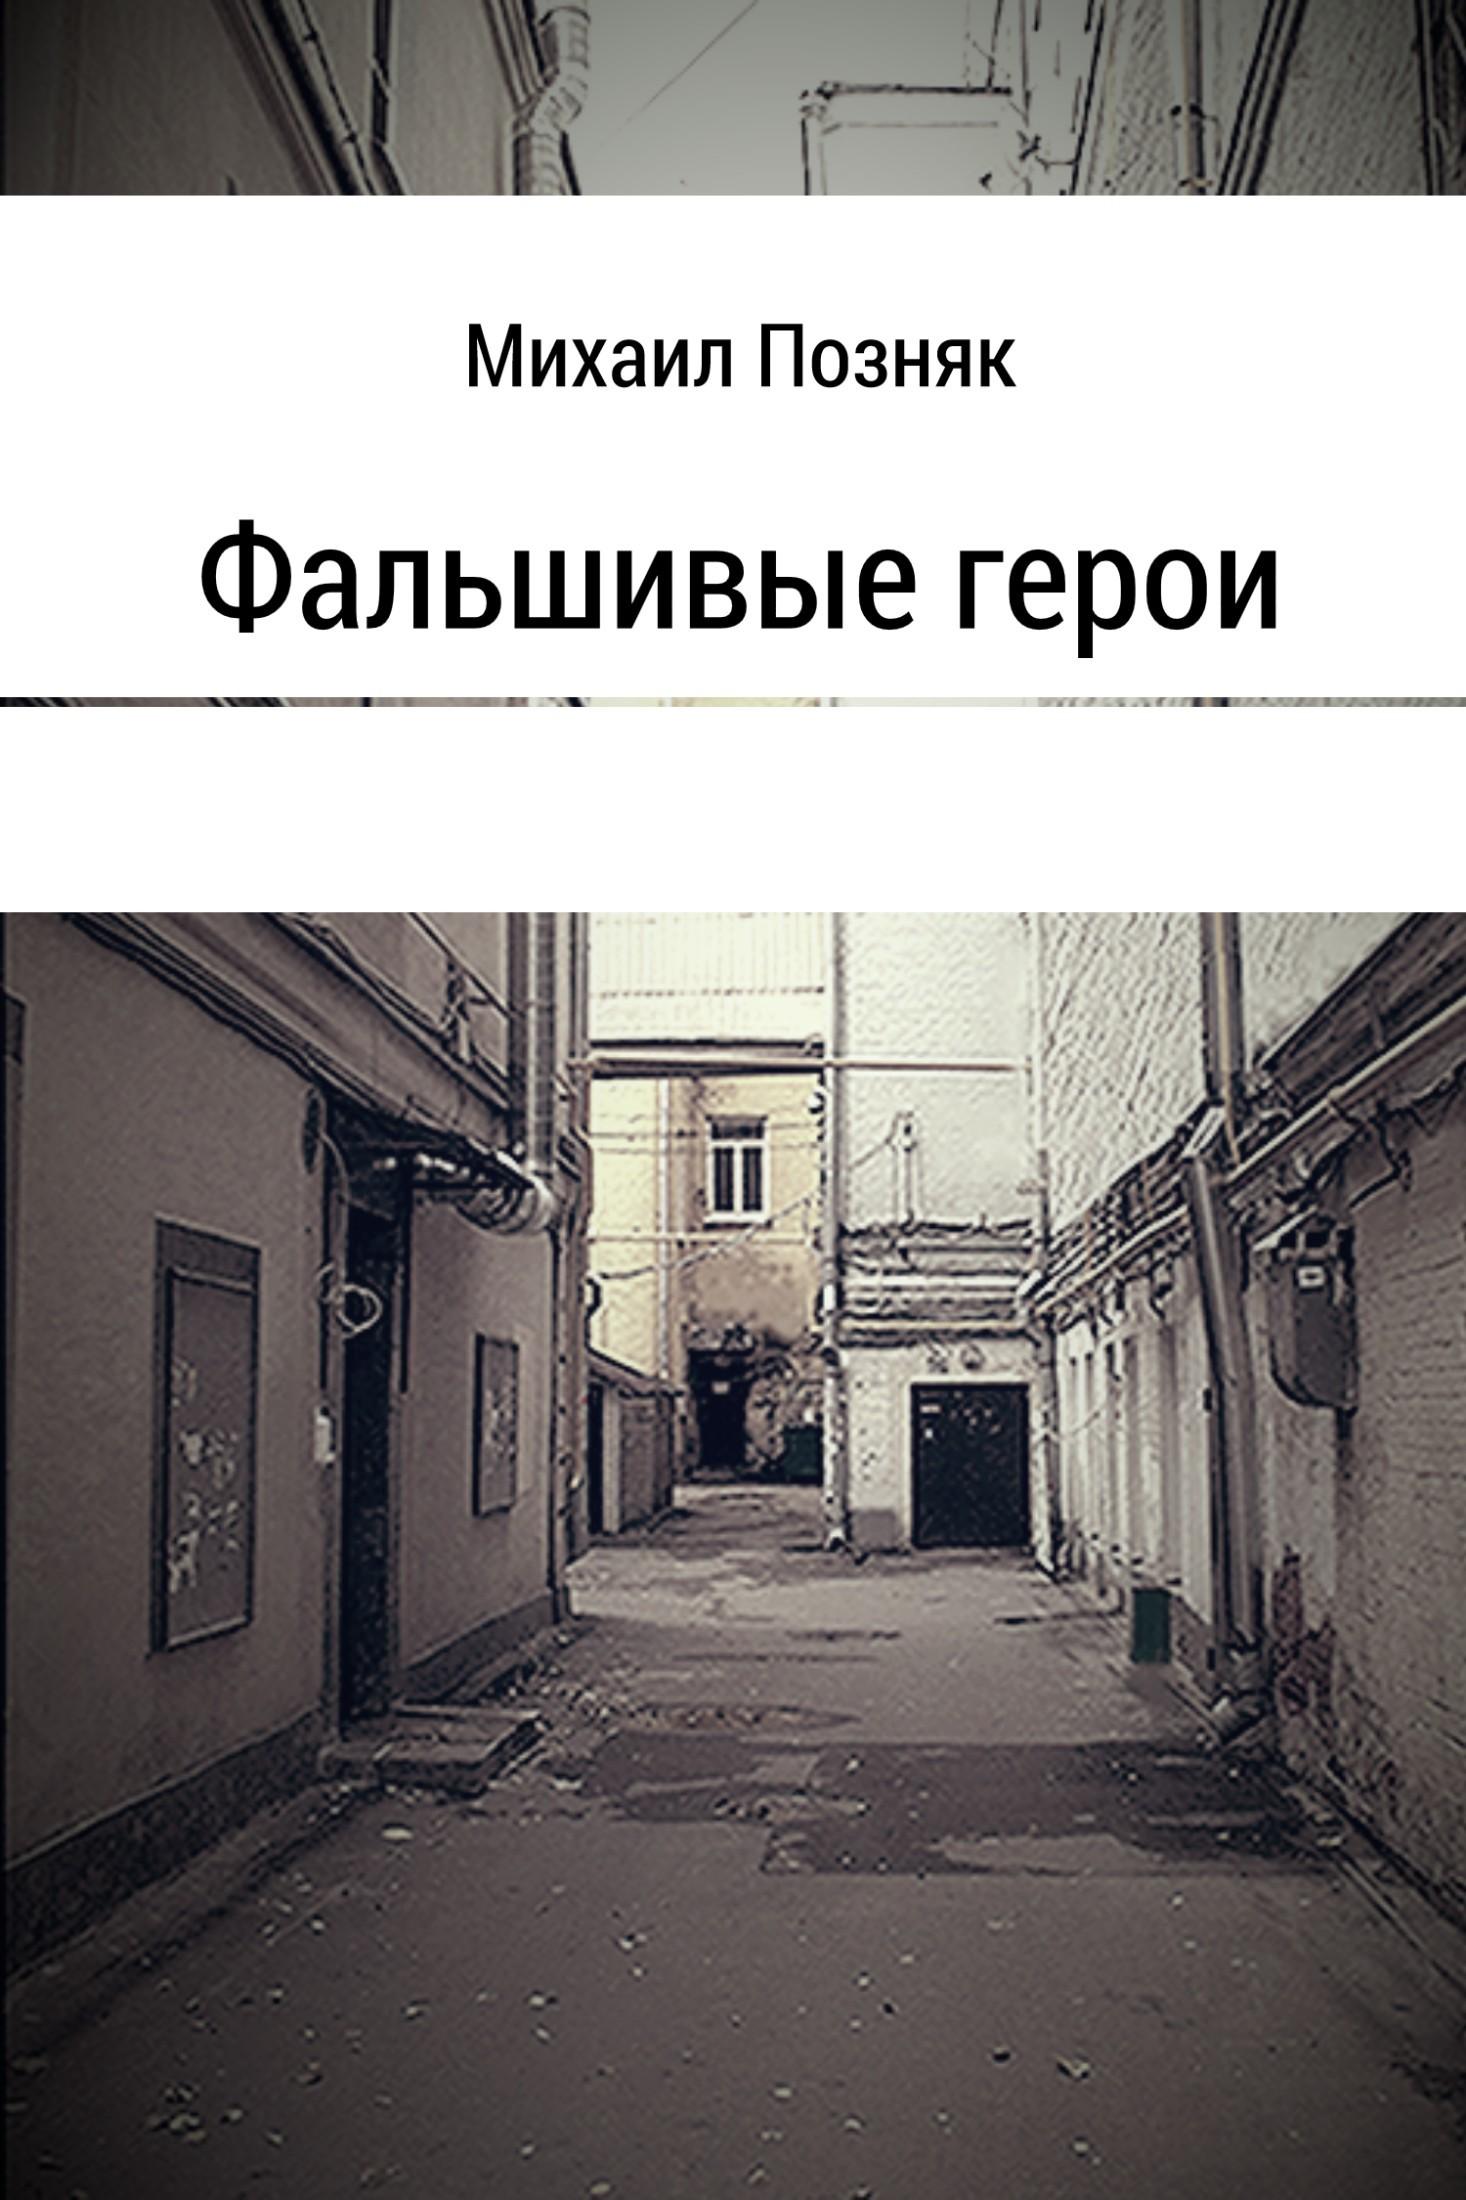 Михаил Викторович Позняк Фальшивые герои васильев в чужие миры